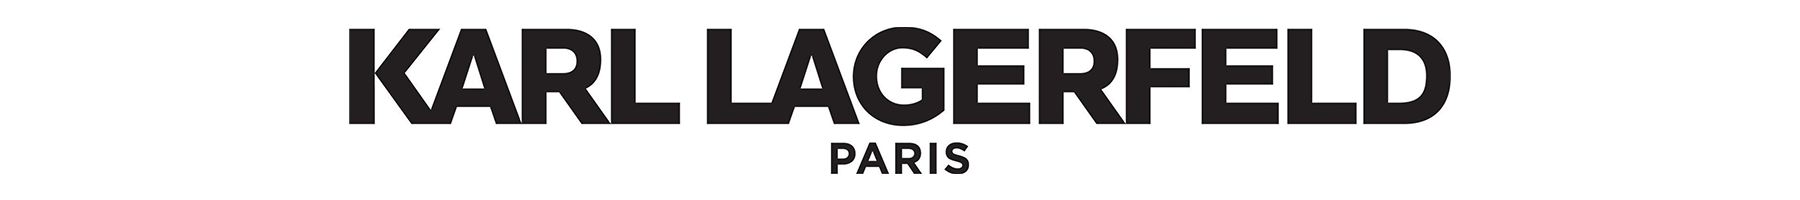 DrJays.com - Karl Lagerfeld Paris